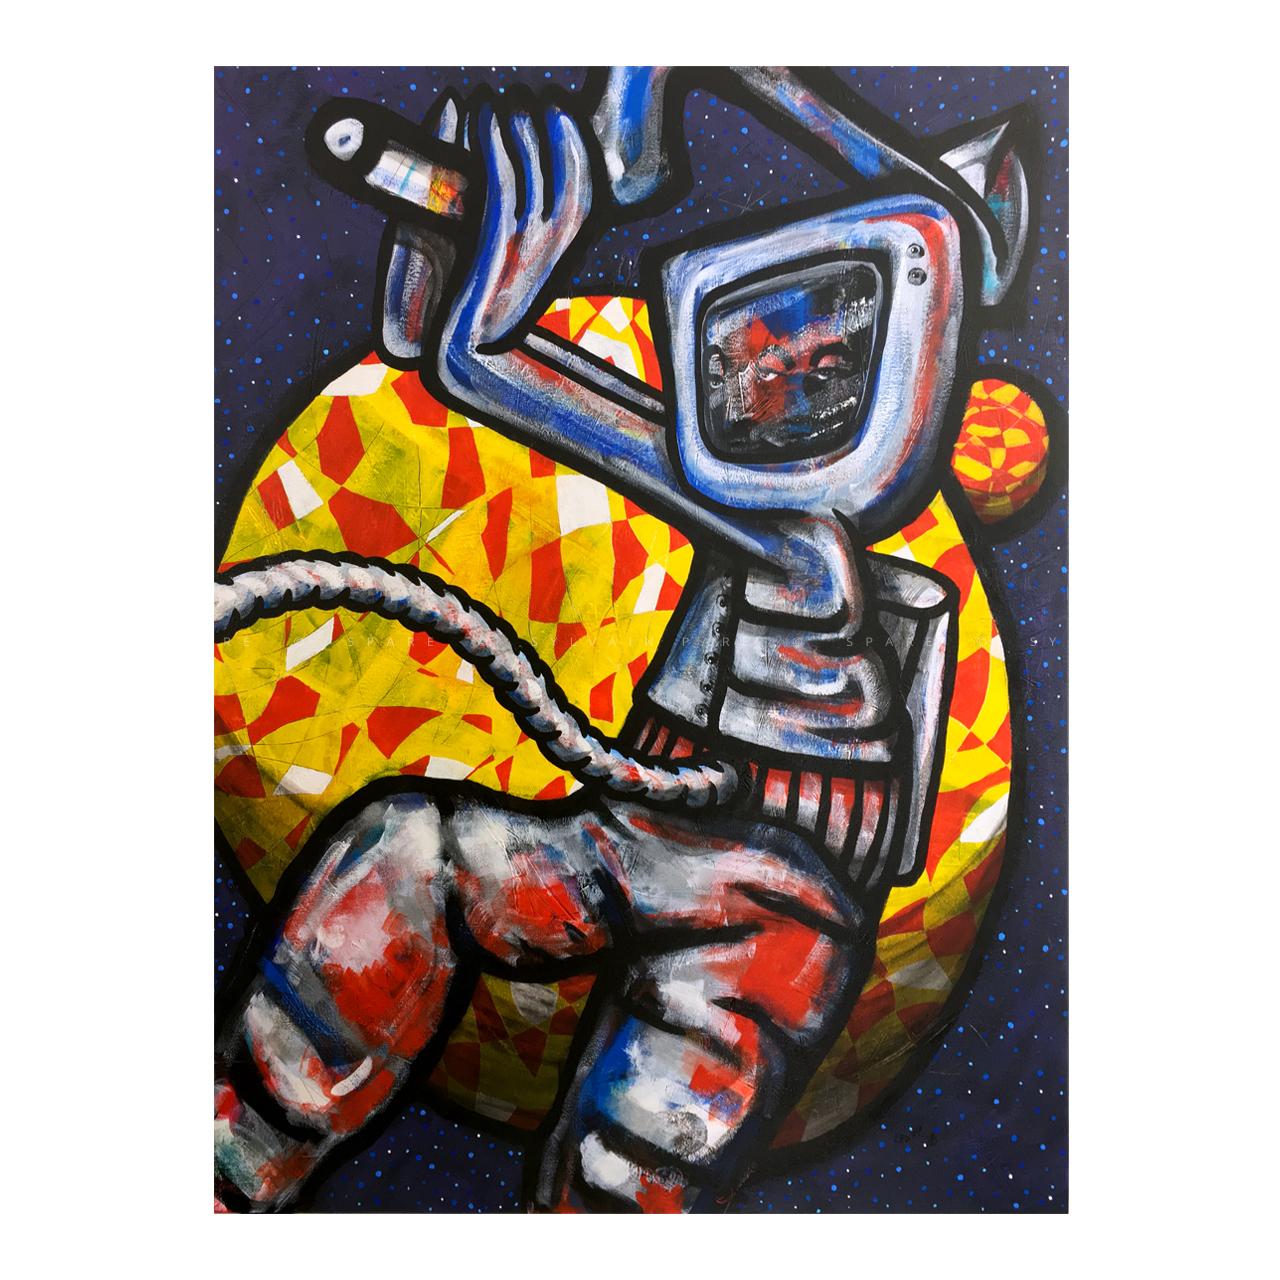 L'astronaute marteleur d'idées